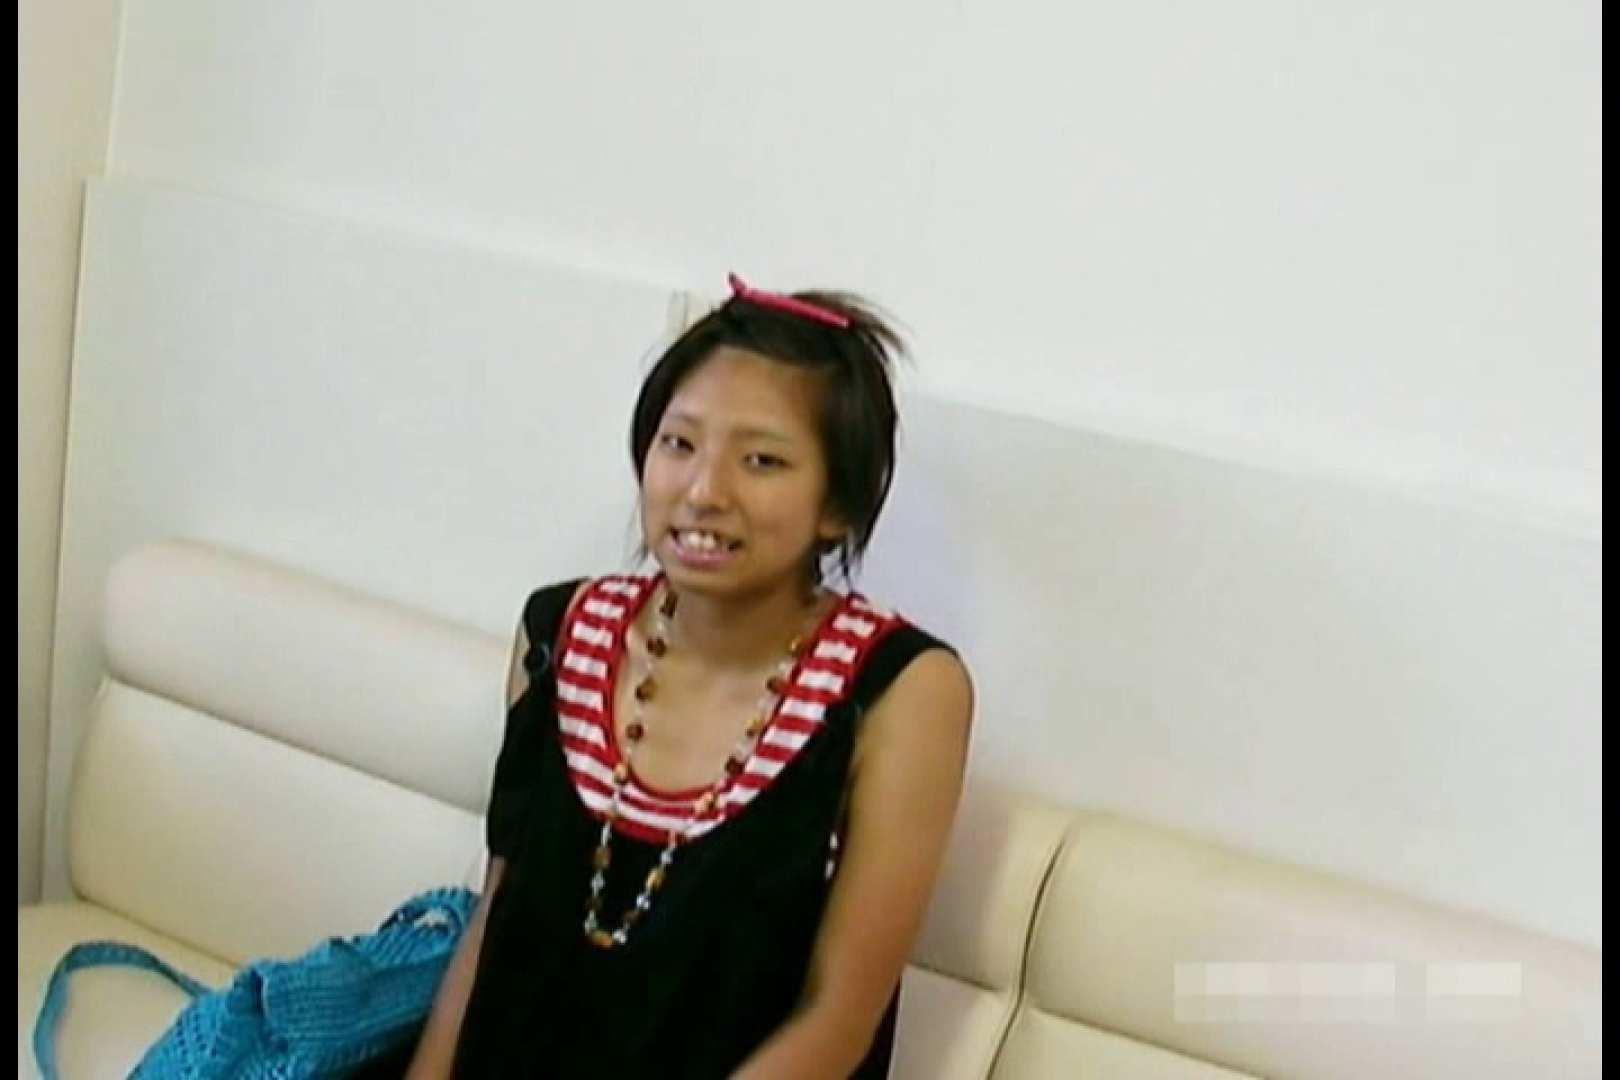 素人撮影 下着だけの撮影のはずが・・・エミちゃん18歳 素人 | おっぱい  55pic 5